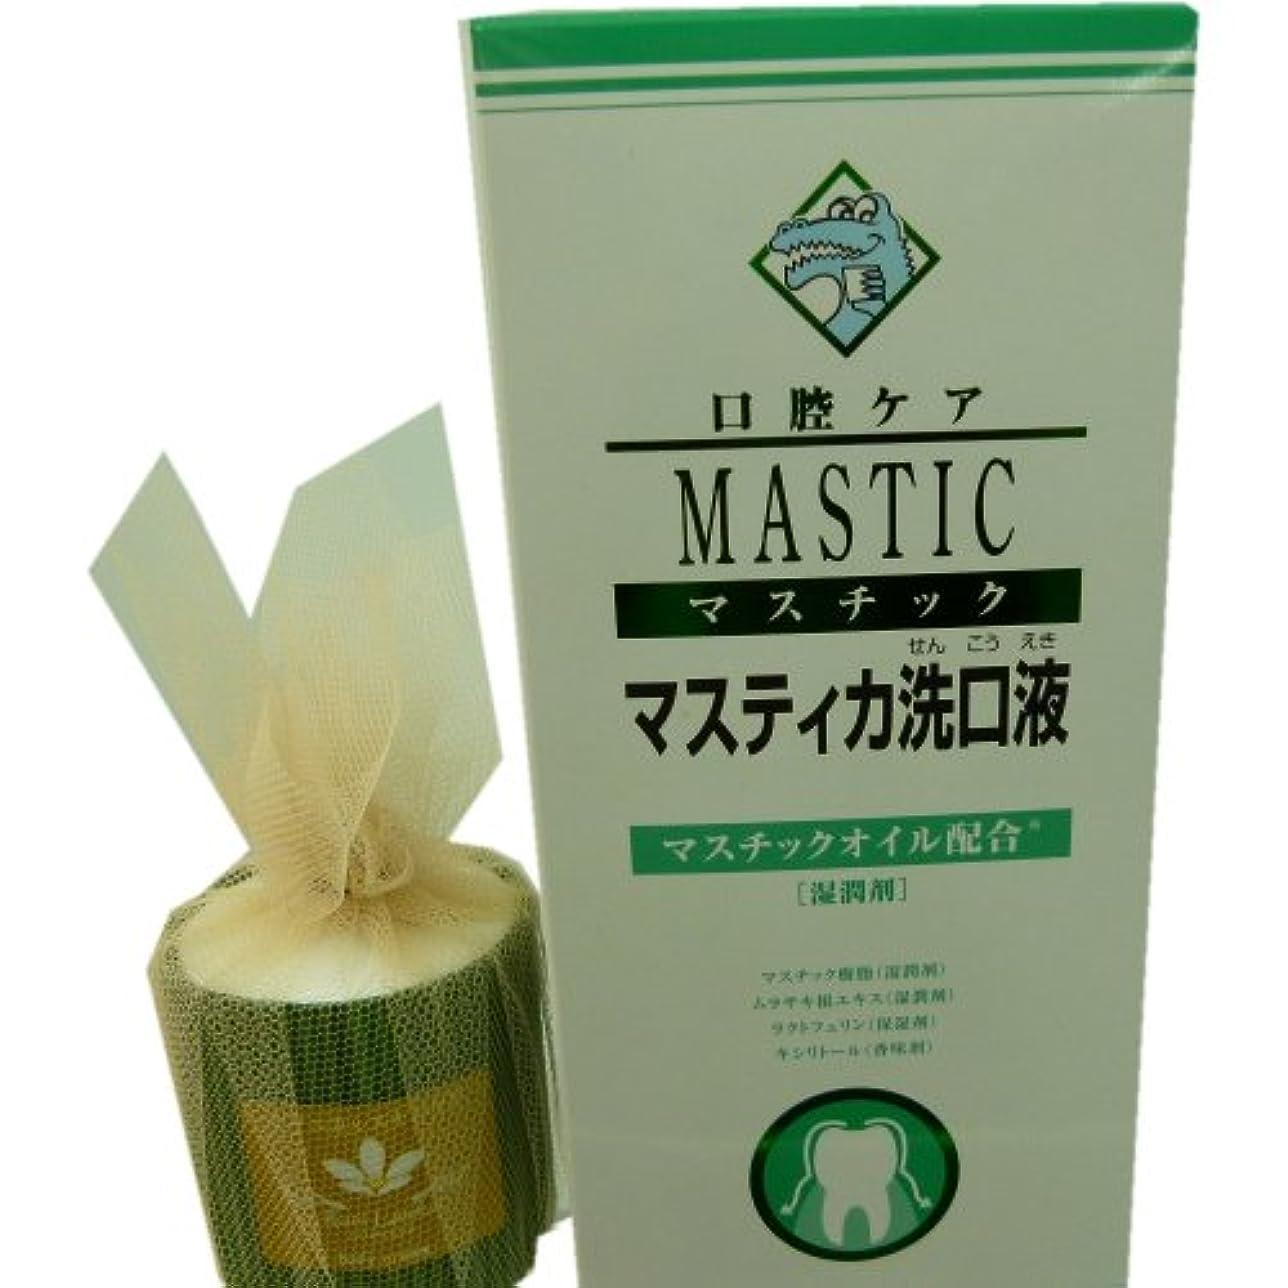 マスティカ洗口液+RaviLankaブラシカボディクリーム